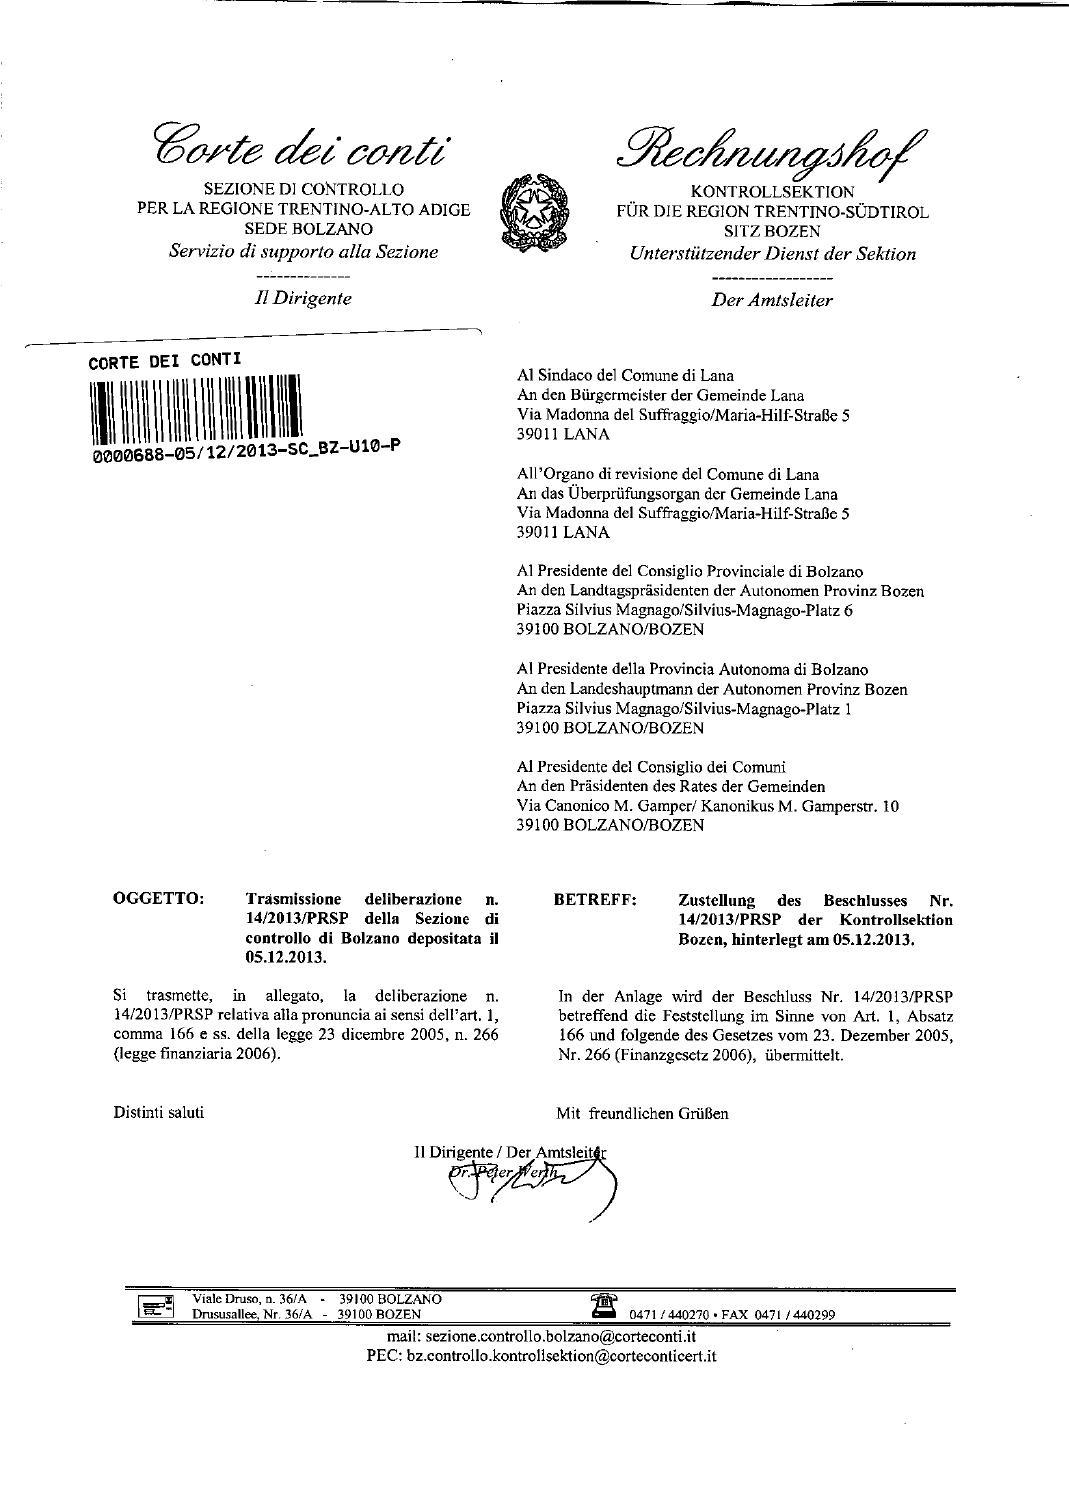 Comune Di Lana Bz deliberazione-n-14-2013-prsp-comune-di-lana by süd-tiroler